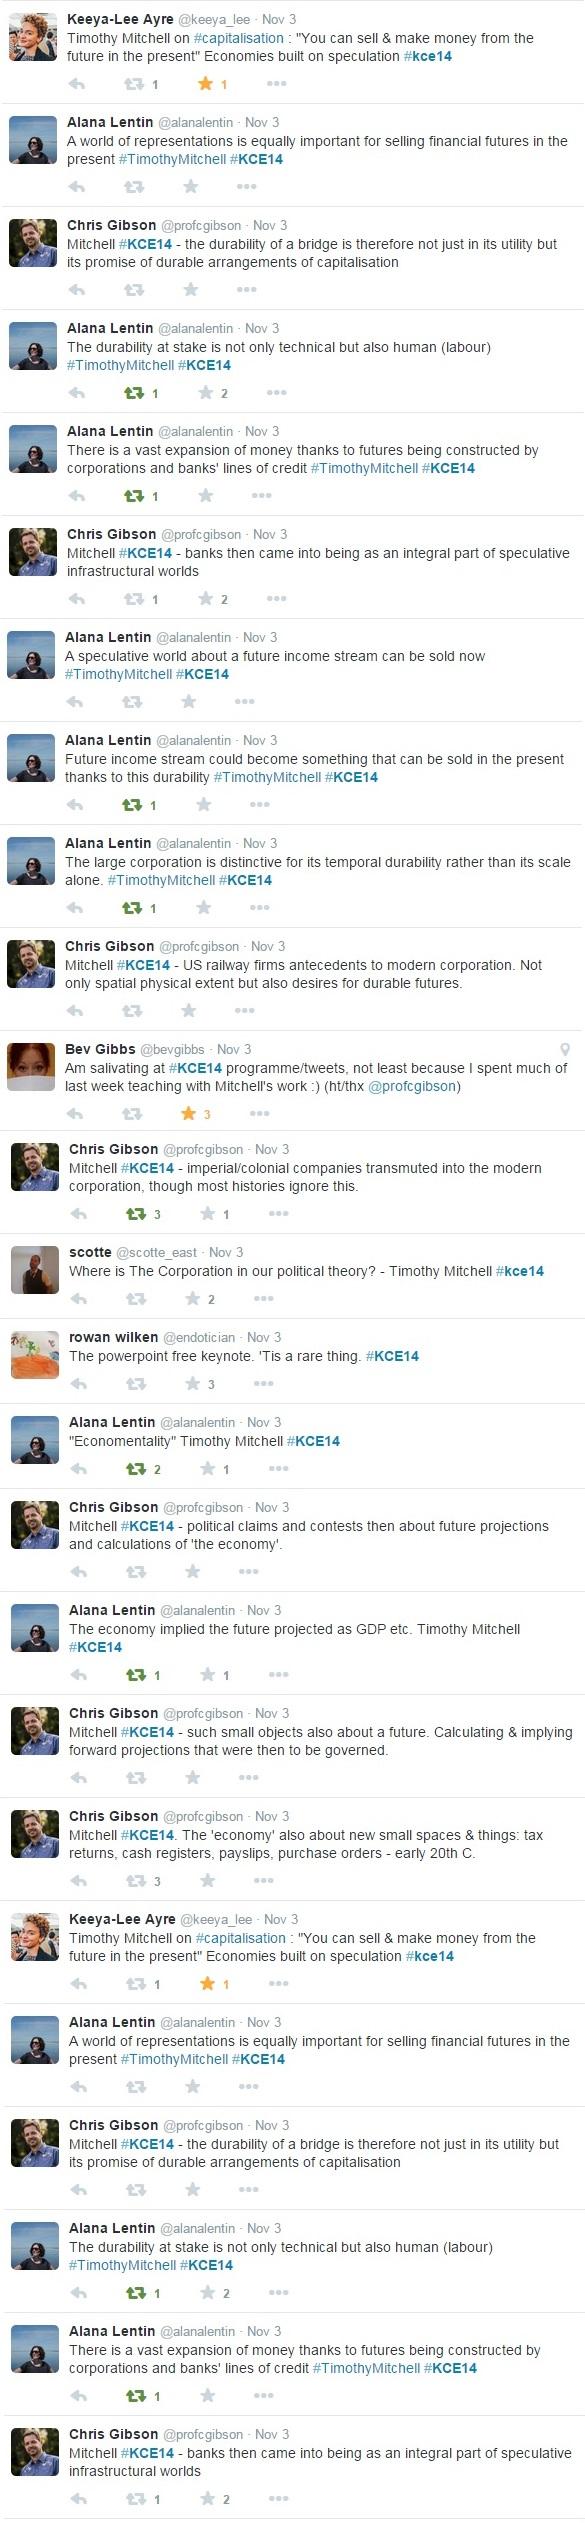 Screen grab of tweets